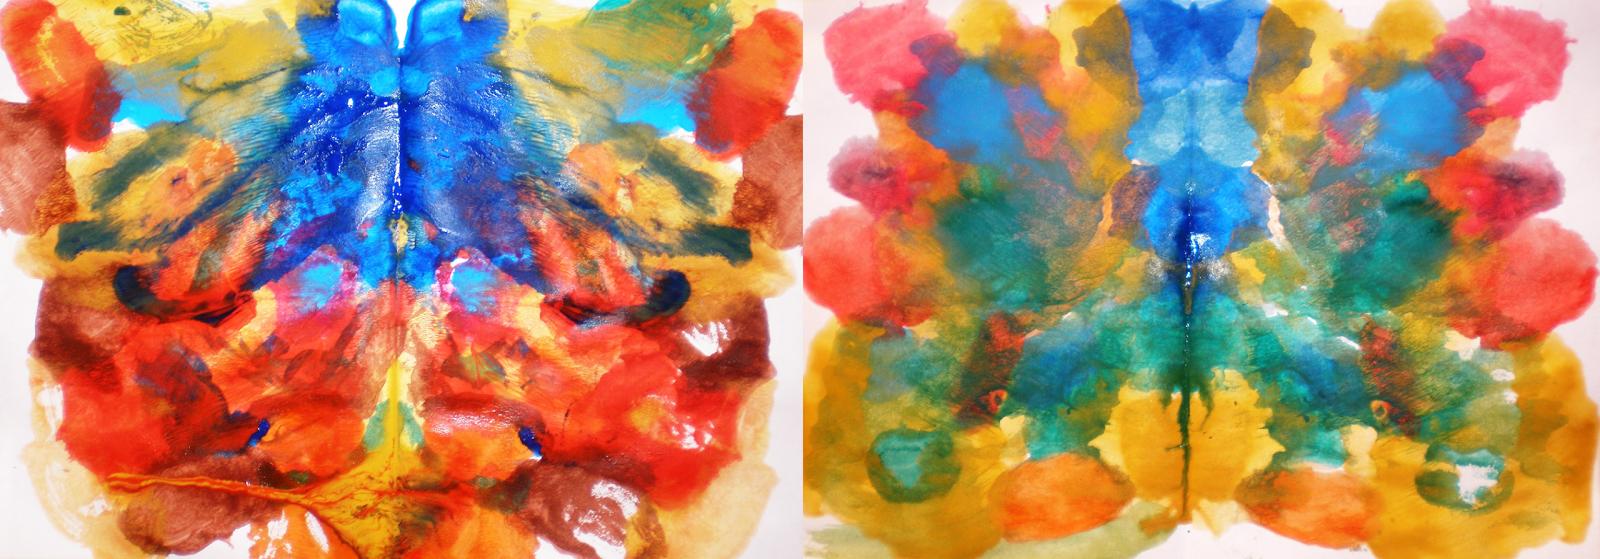 Tehnica formelor spontane - pictură abstractă